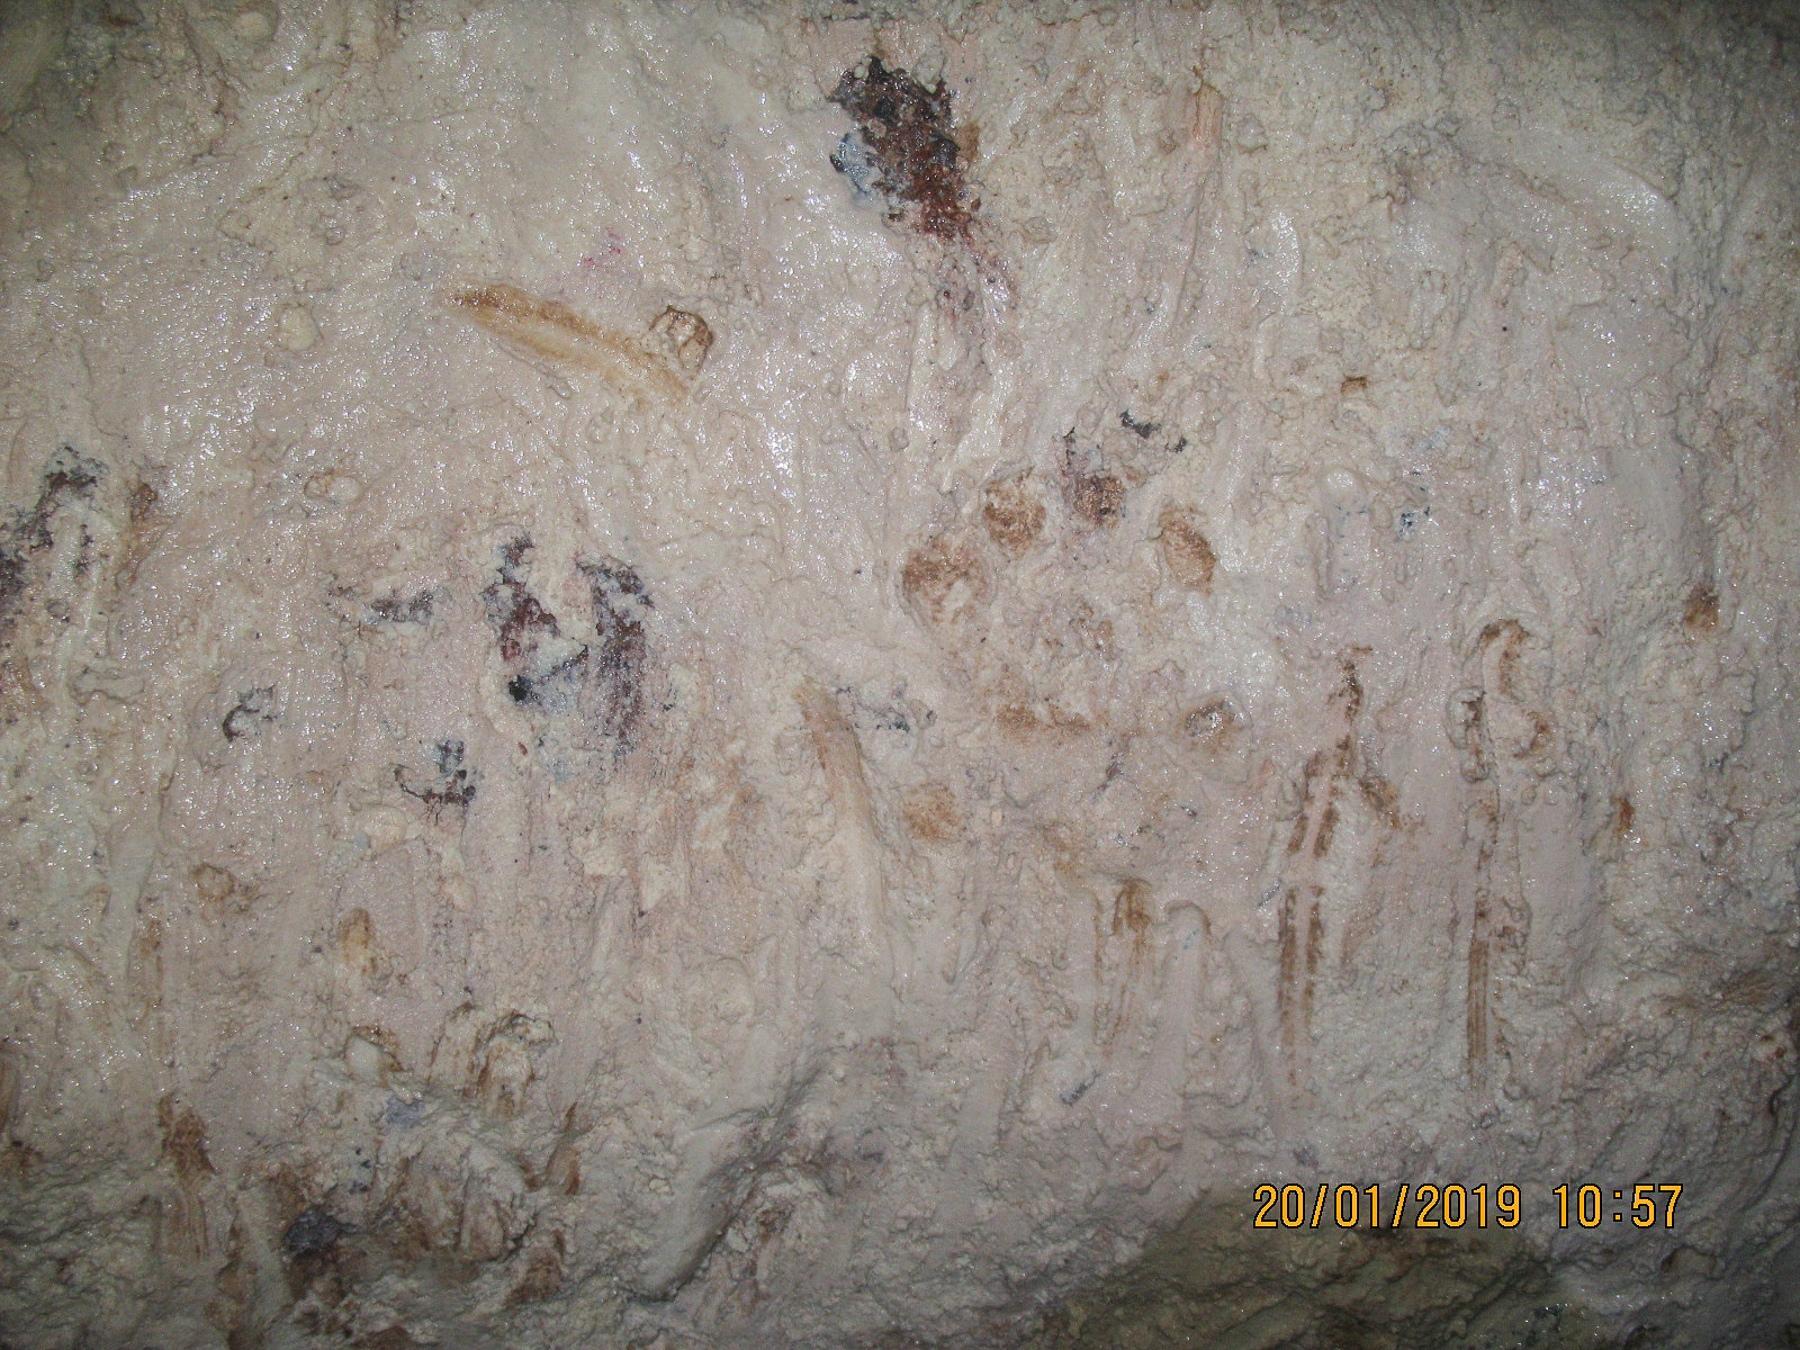 Стены измазаны белой глиной - первая интересность и совсем недалеко от входа!